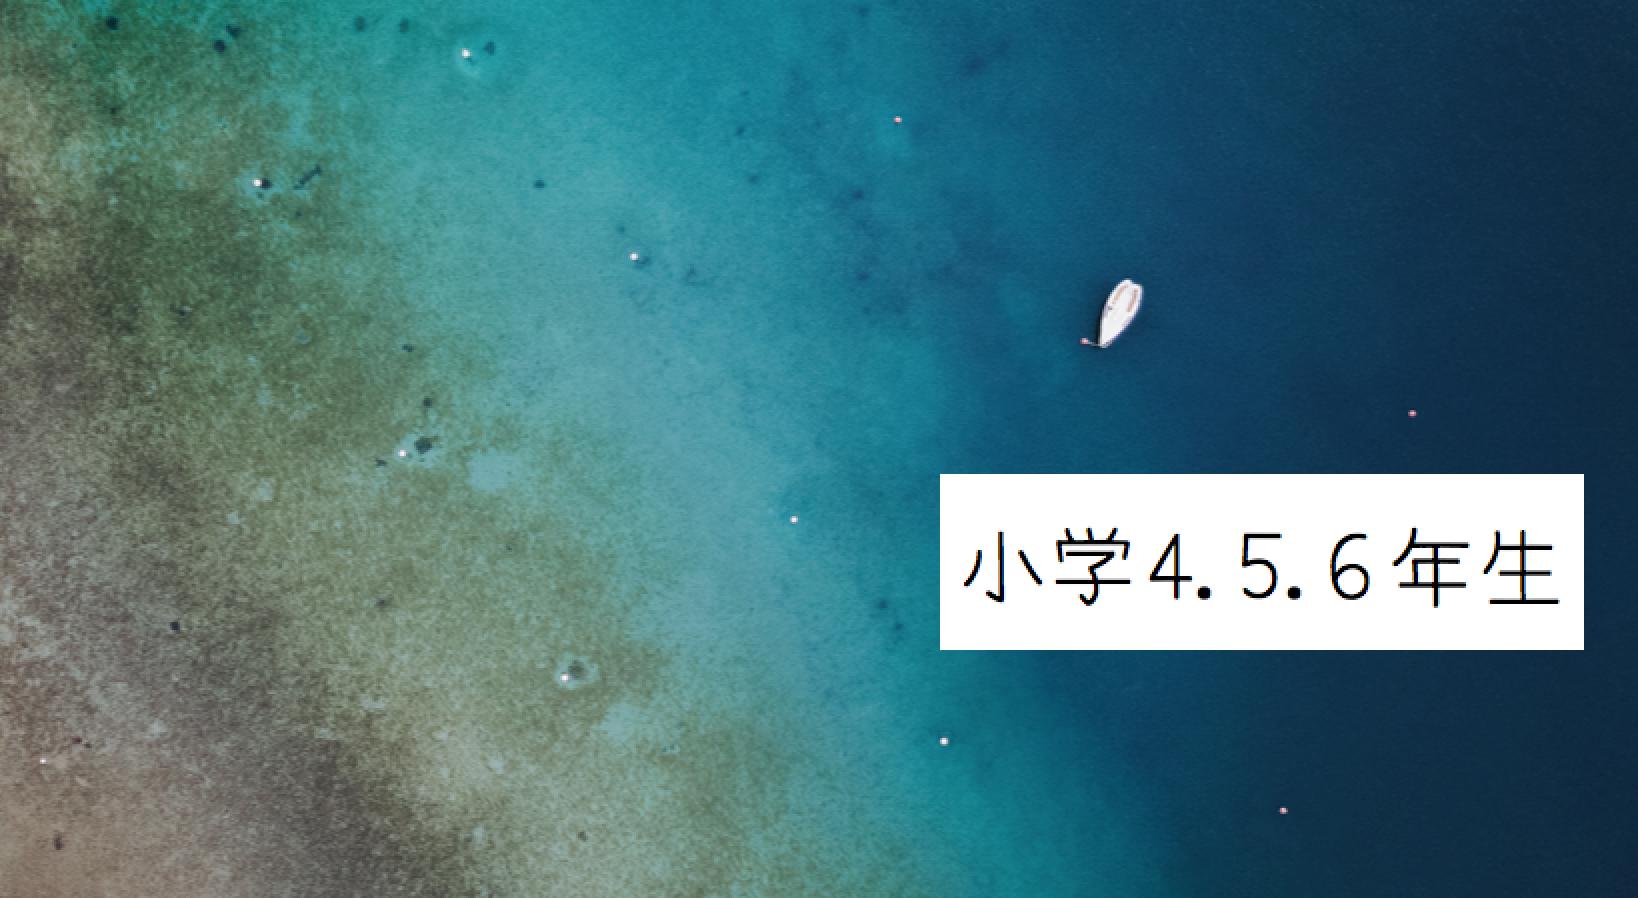 2018/4/3 新4.5.6年生